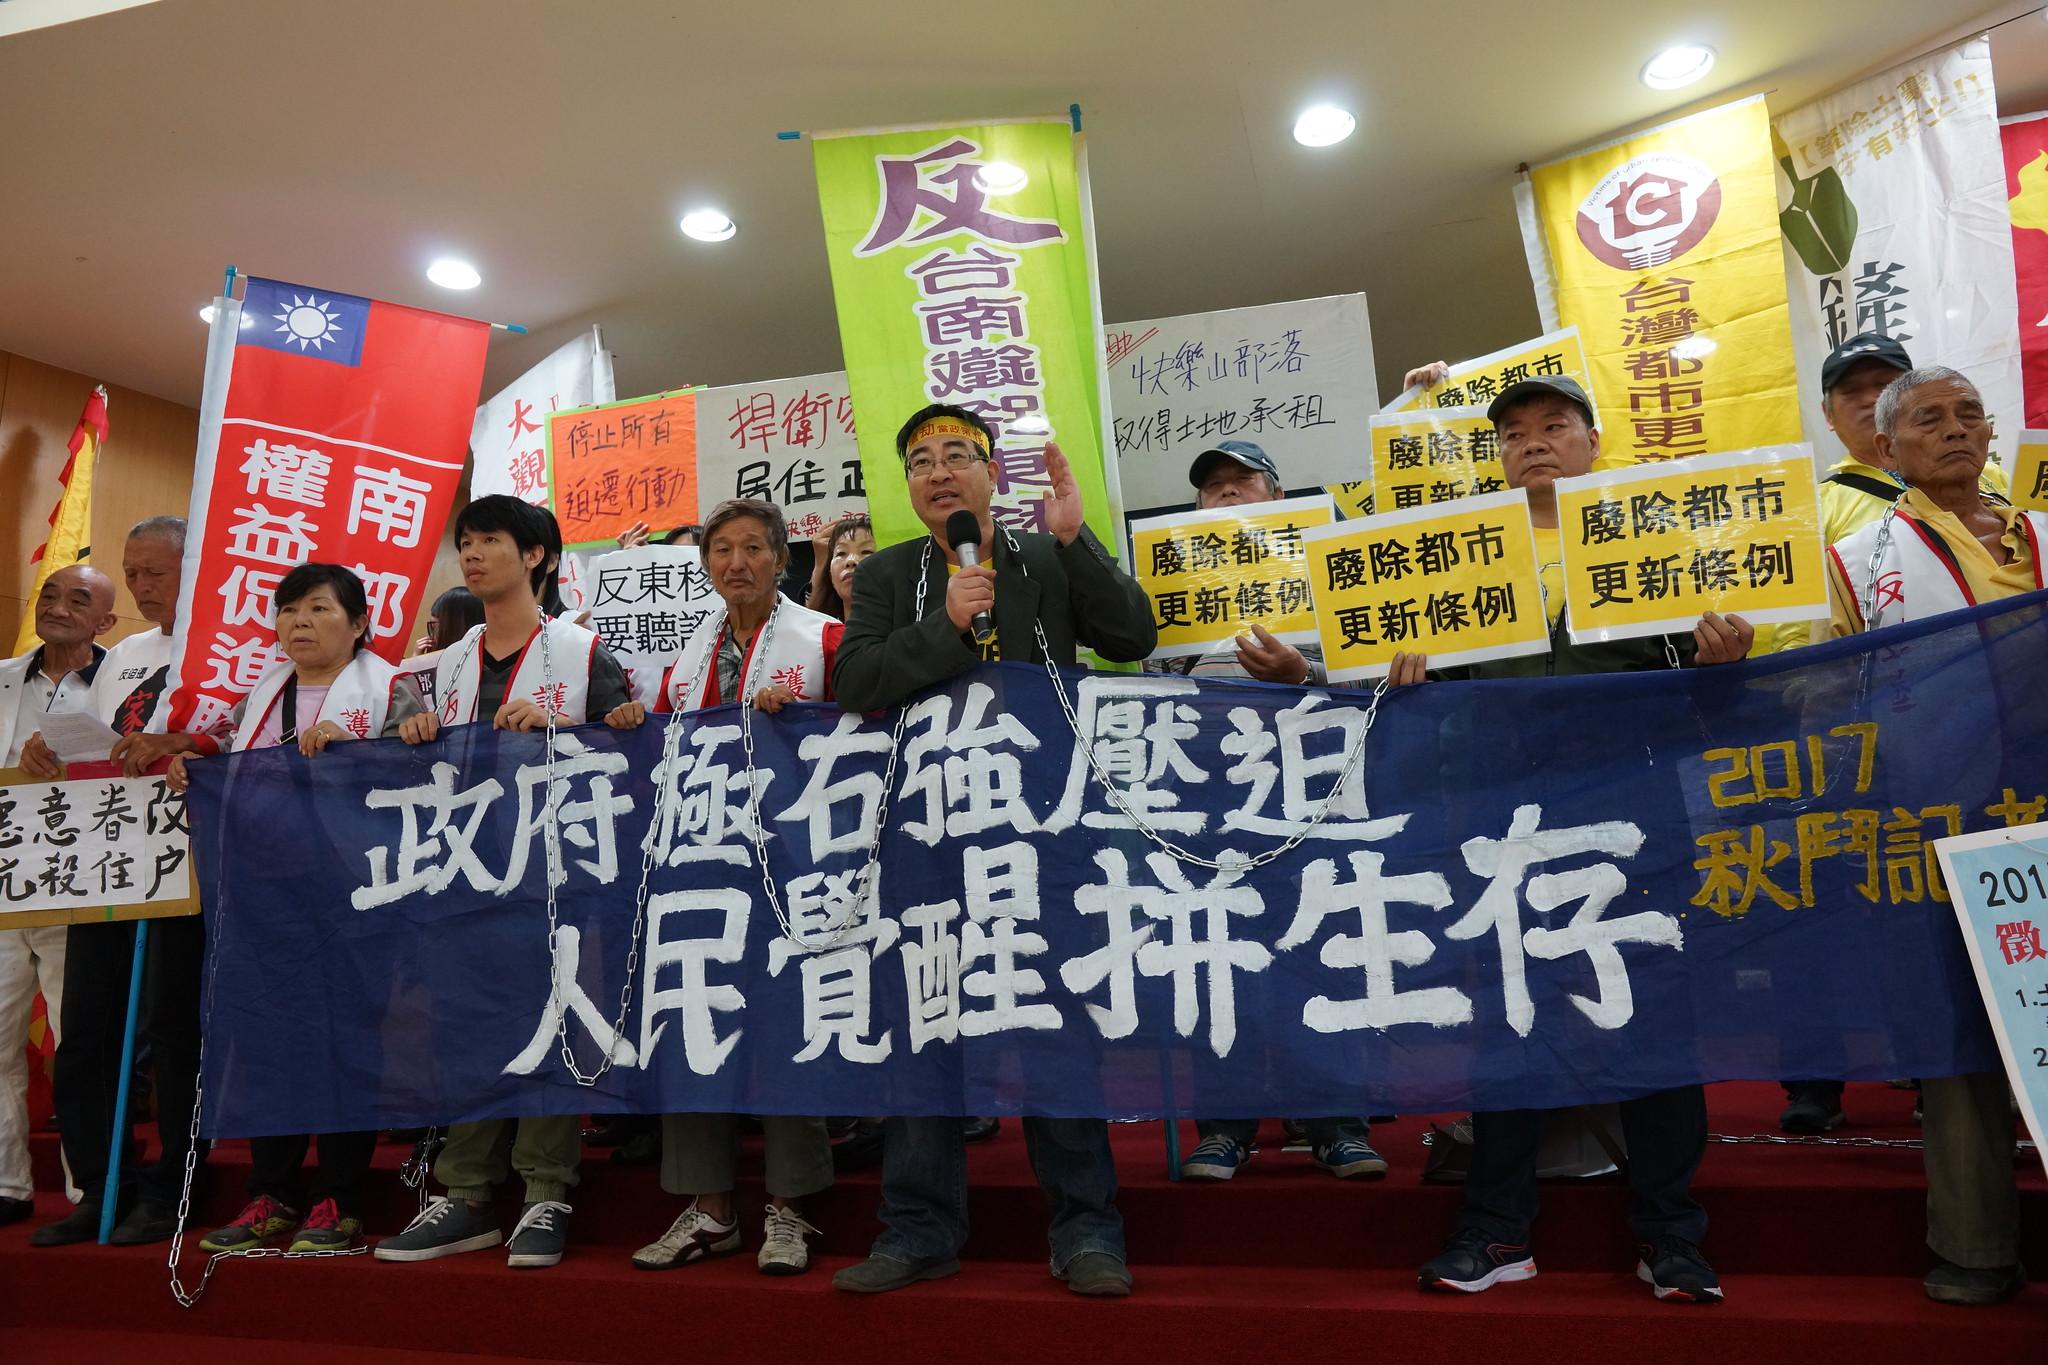 秋鬥各團體上午在台大校友會館召開記者會,說明四大主軸議題。(攝影:王顥中)